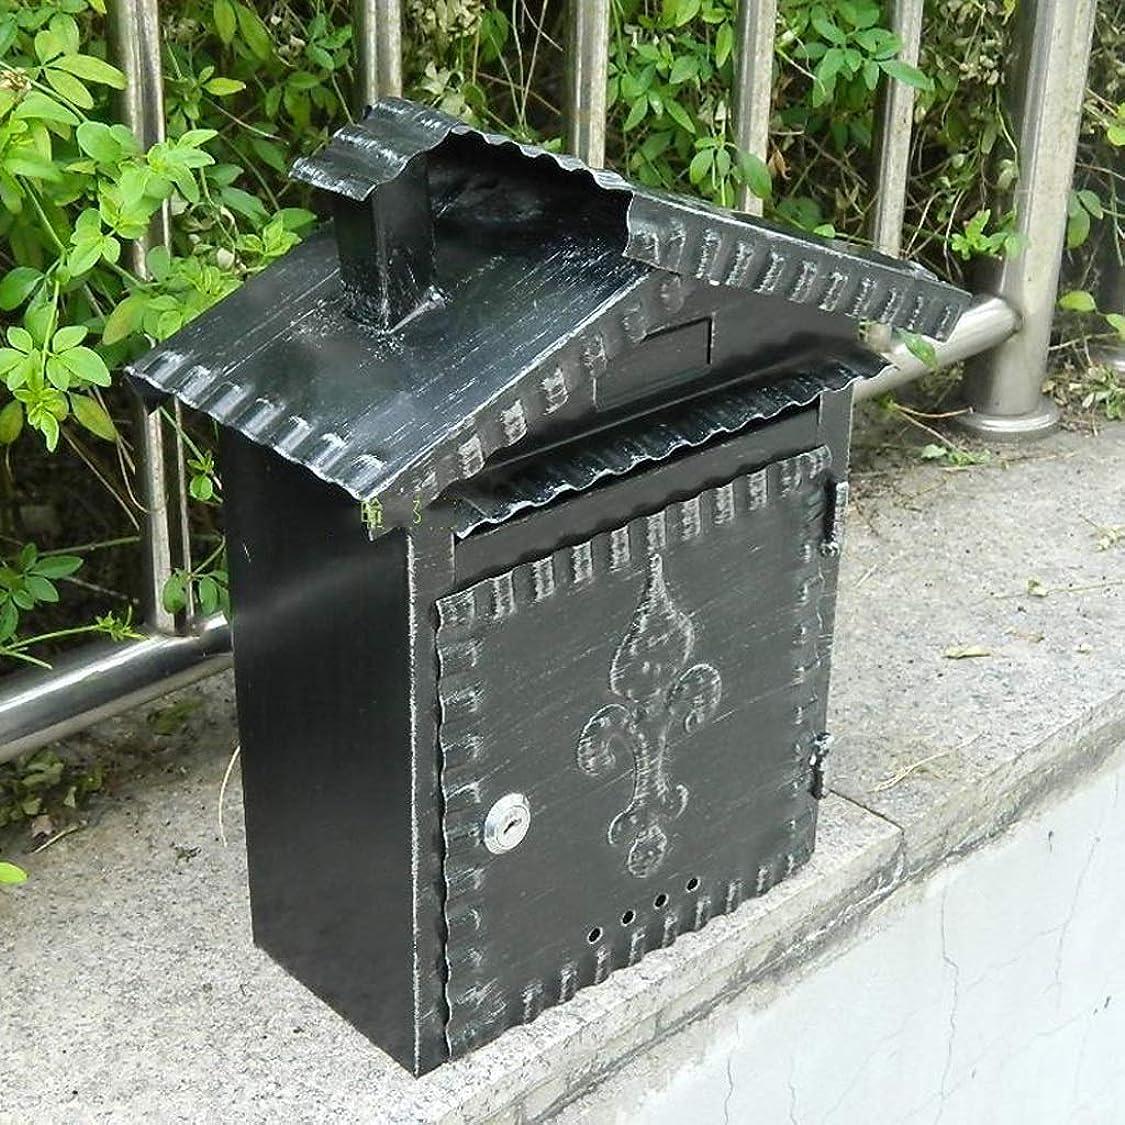 作詞家避難それるDjyyh ウォールマウントされたメールボックス、レターボックス、メールボックス、ガーデンドアポストボックス、ヴィンテージ鍛造アイロン防水ポストボックス